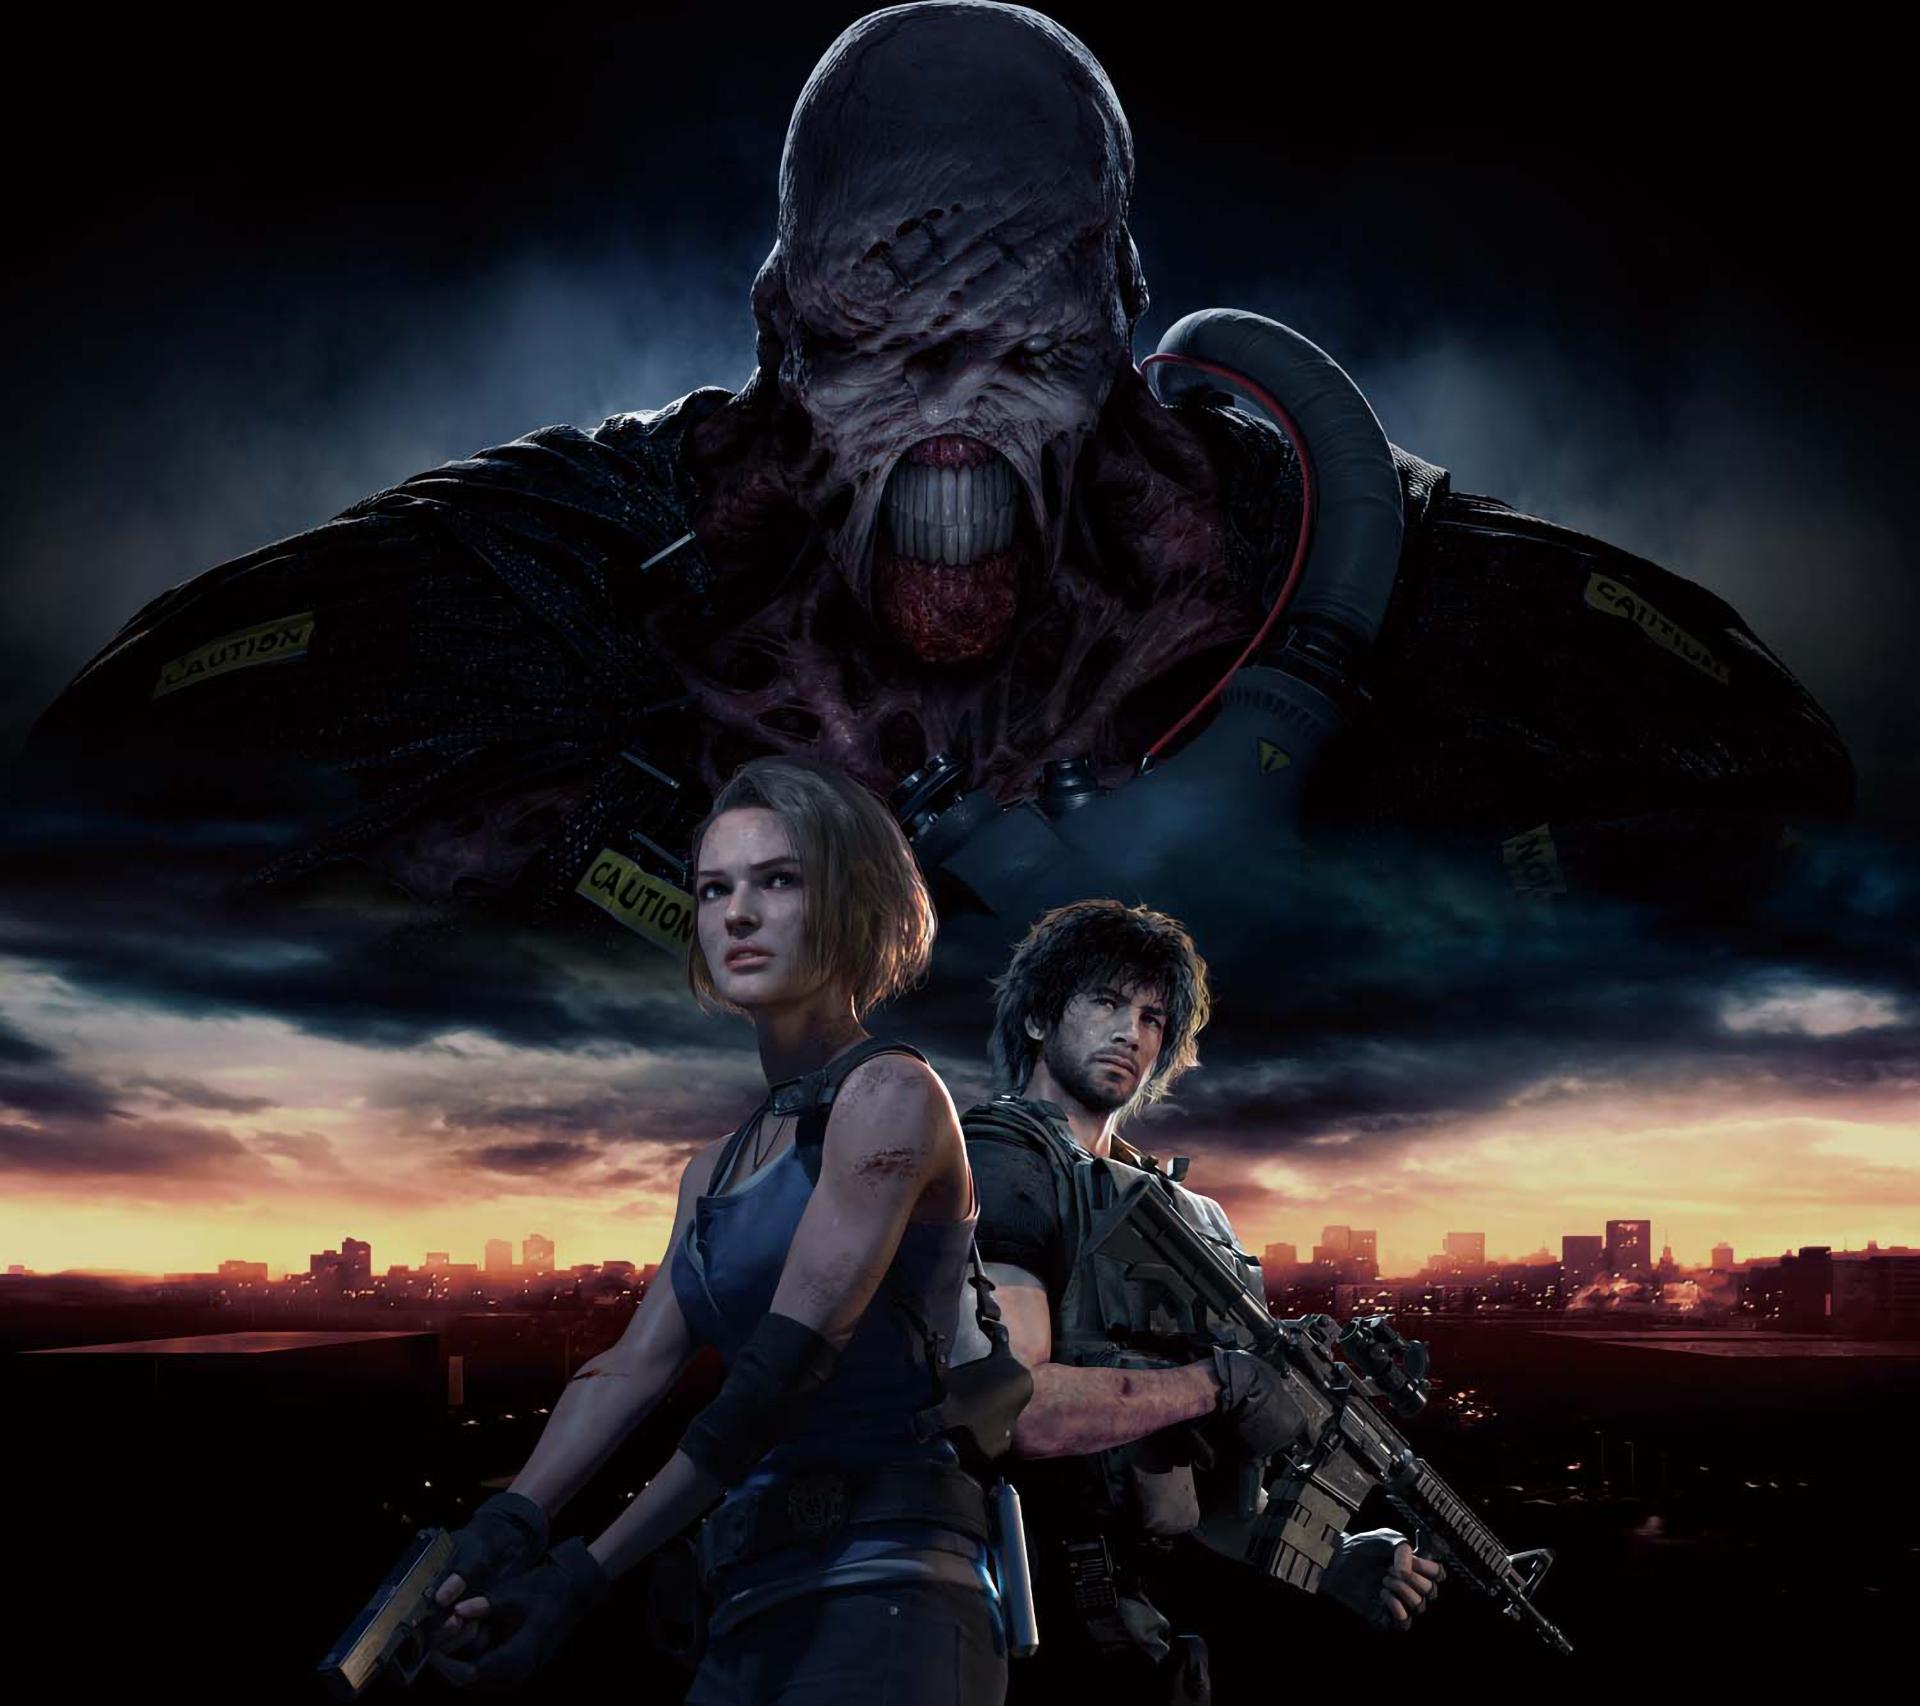 Resident Evil 3 Remake 2019 Wallpaper, HD Games 4K ...